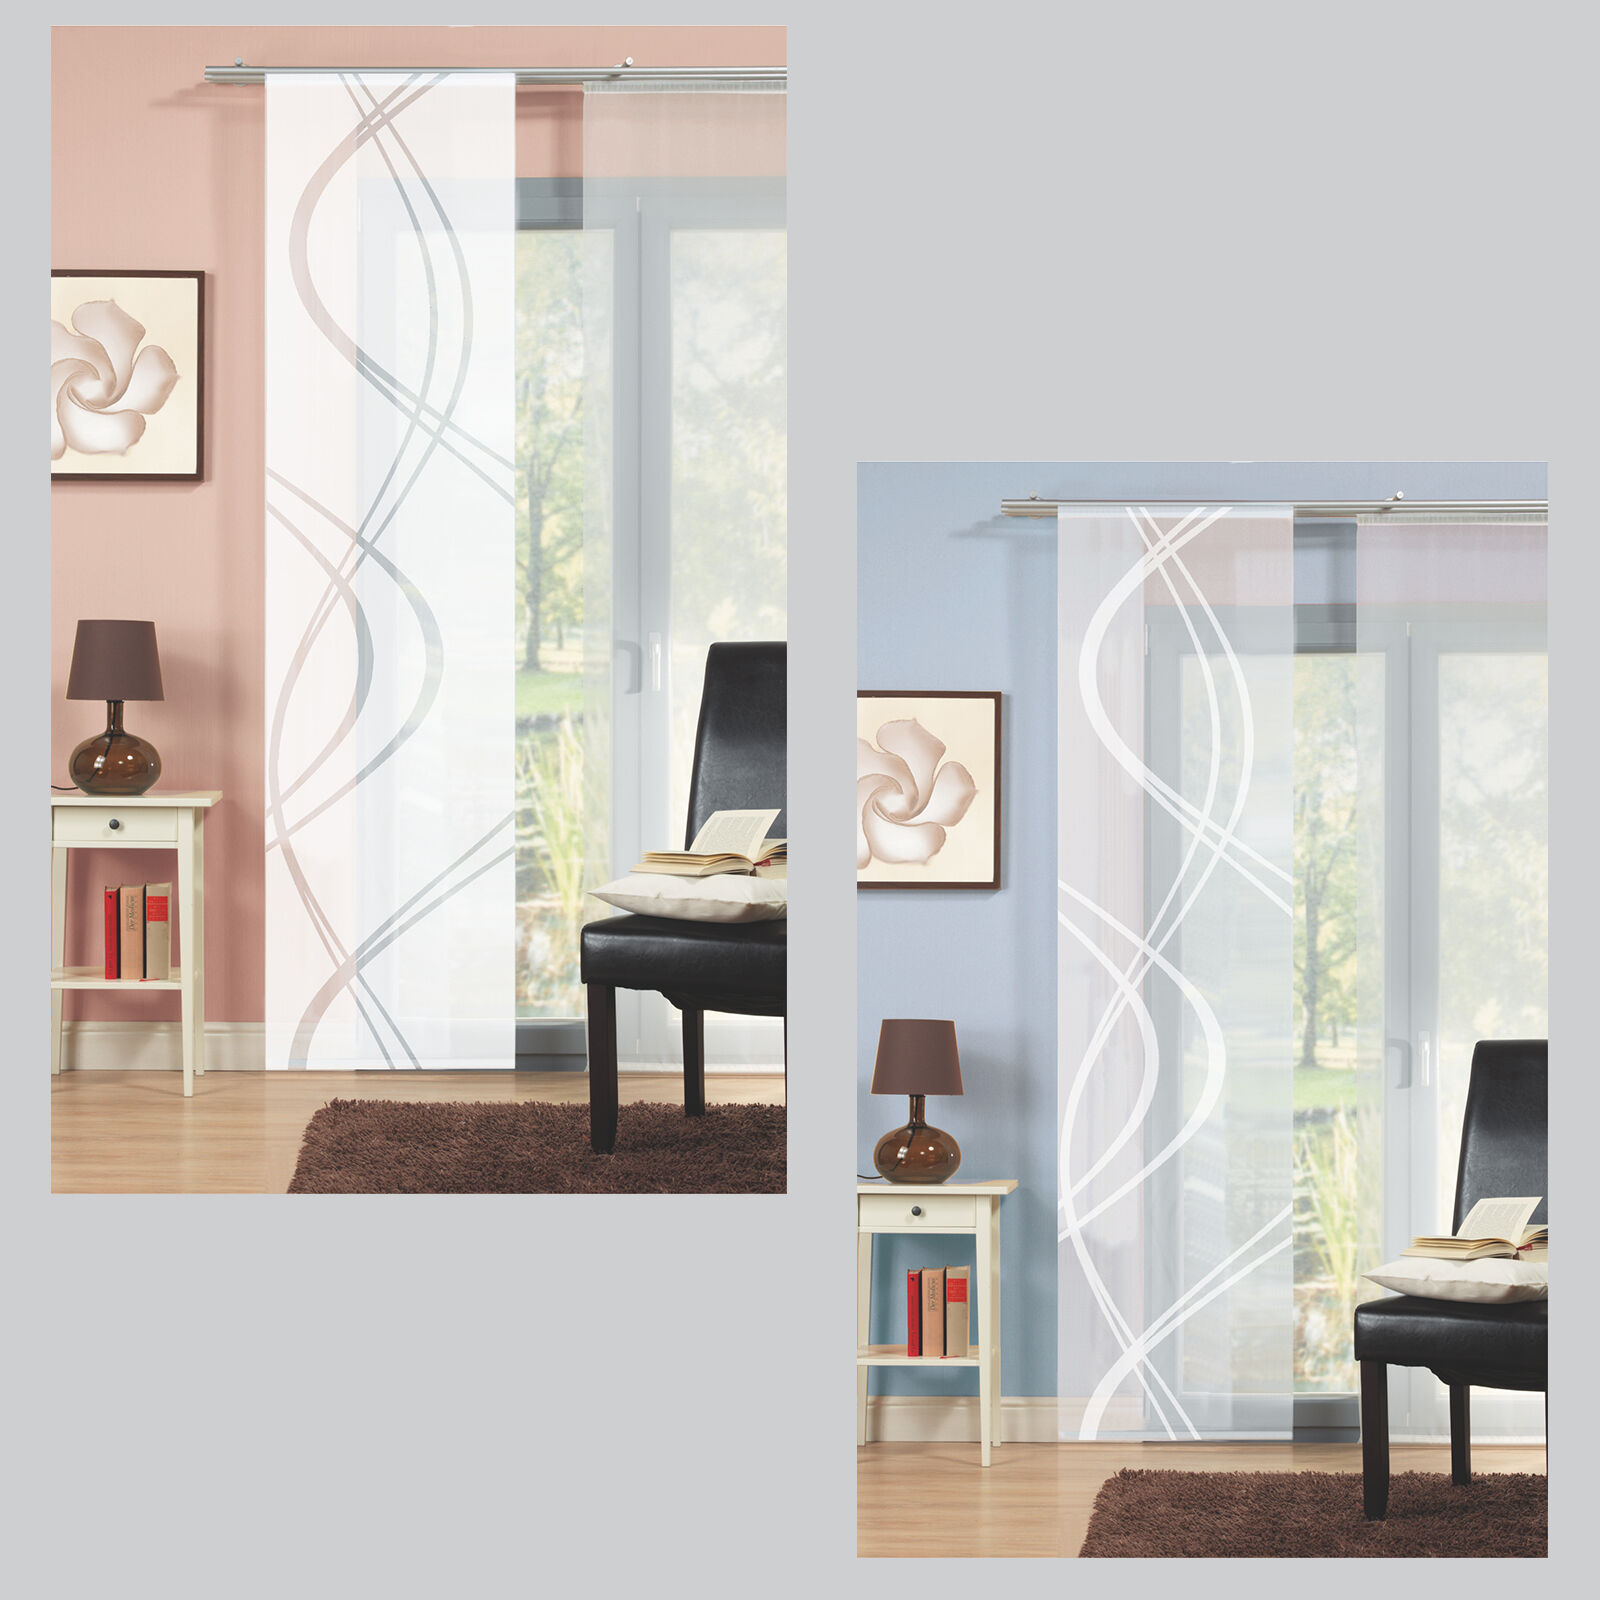 positive shaft sliding curtain sliding curtain room divider home living ideas schmidtgar ebay. Black Bedroom Furniture Sets. Home Design Ideas